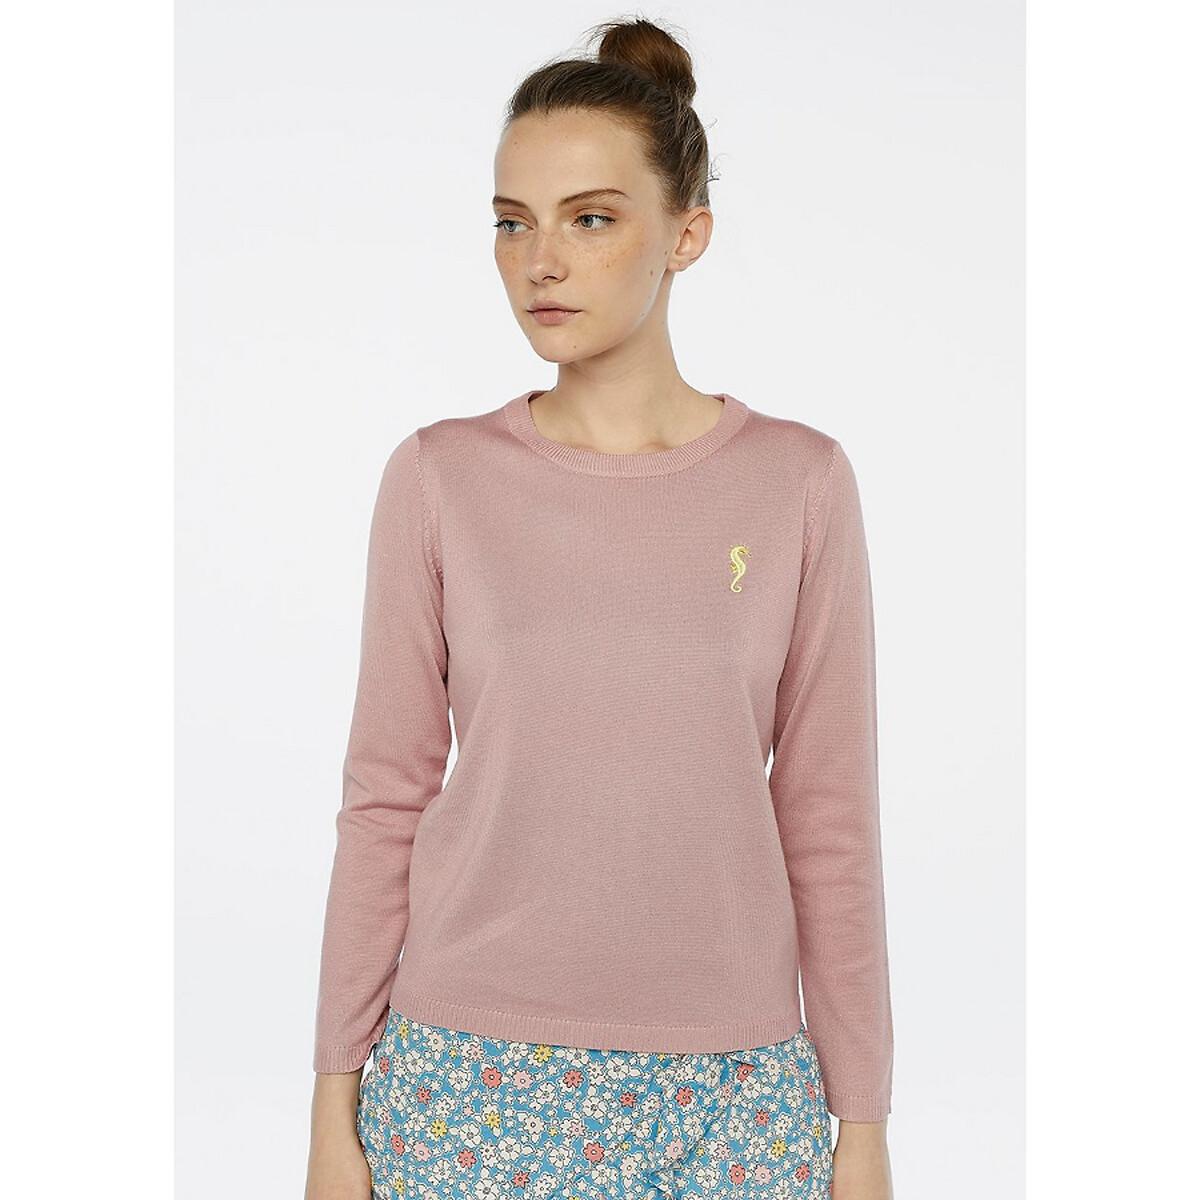 Пуловер La Redoute С круглым вырезом с вышивкой на груди S розовый свитшот la redoute с круглым вырезом и вышивкой s черный